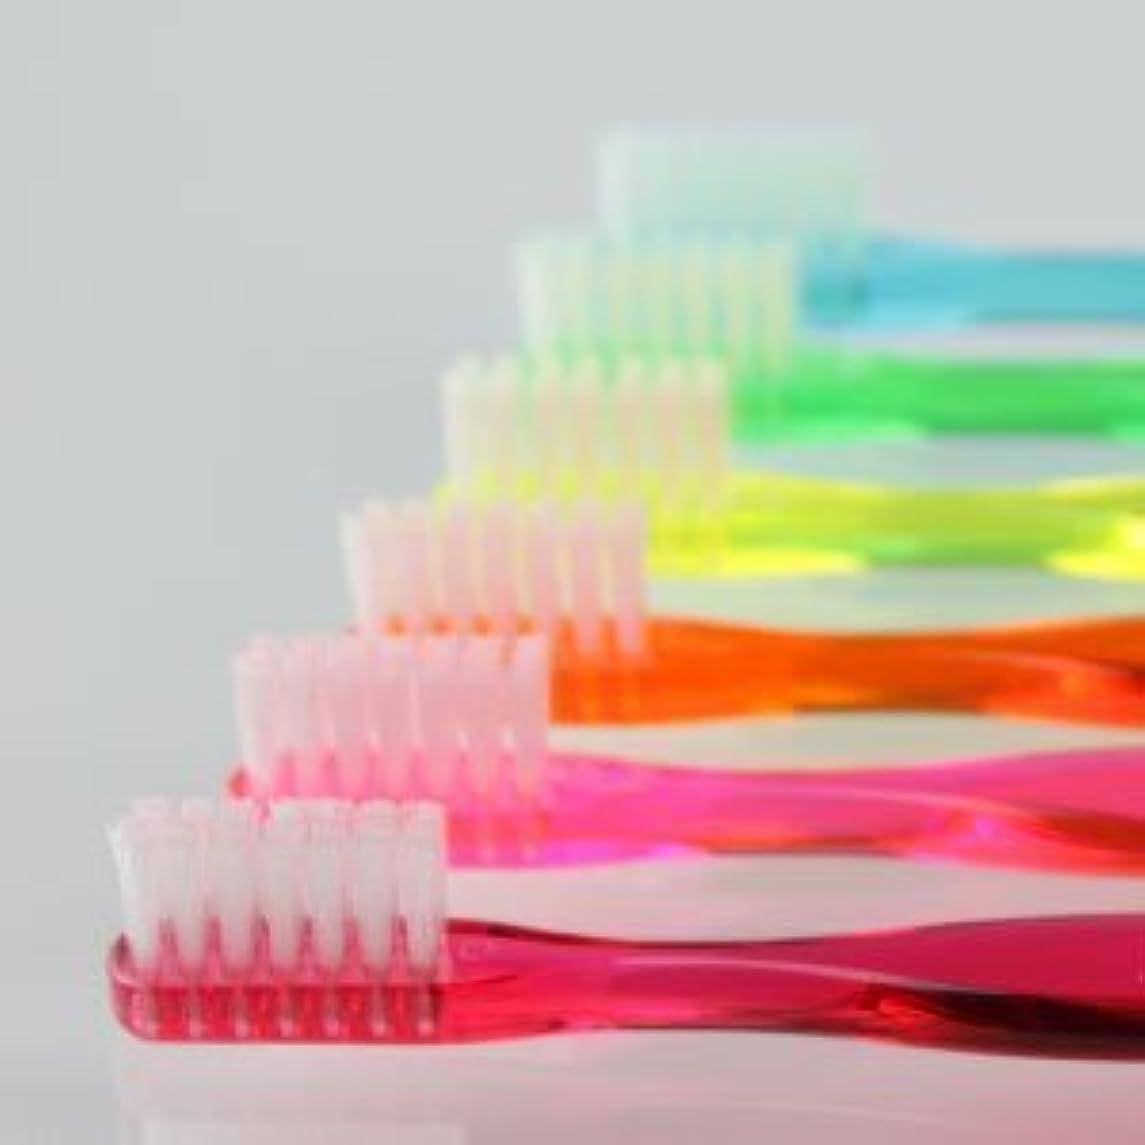 折教育学一貫したサムフレンド 歯ブラシ #20(ミニ) 6本 ※お色は当店お任せです